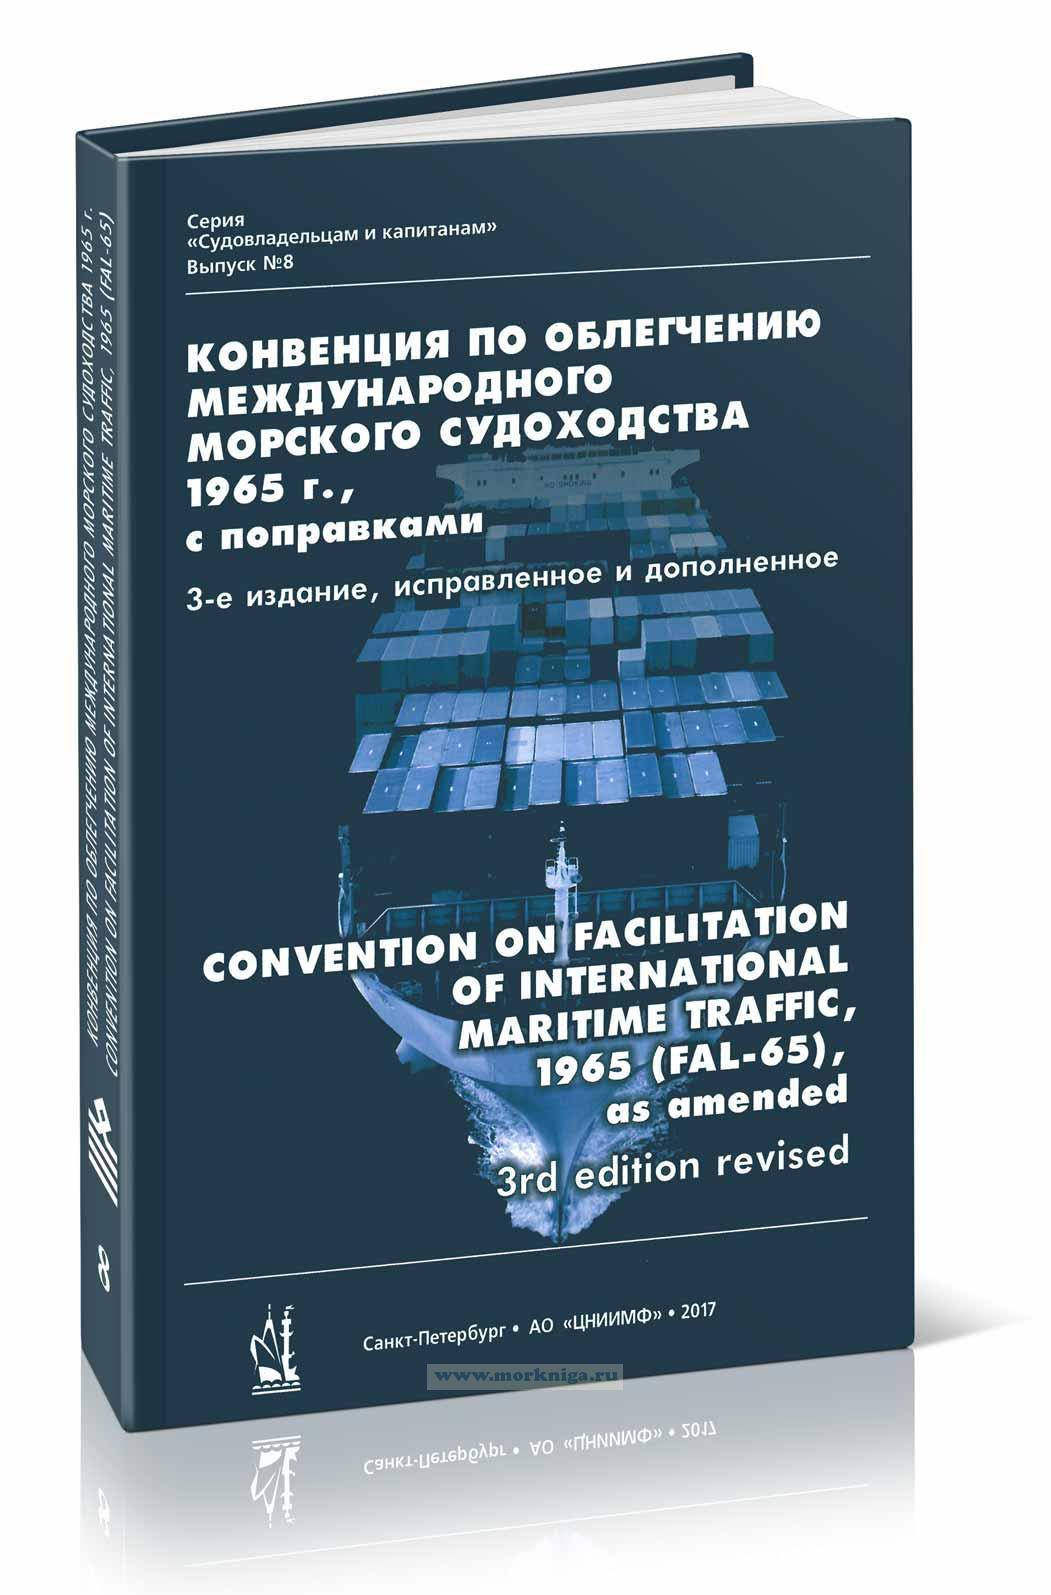 Конвенция по облегчению международного морского судоходства 1965 с поправками (FAL-65). 3-е издание